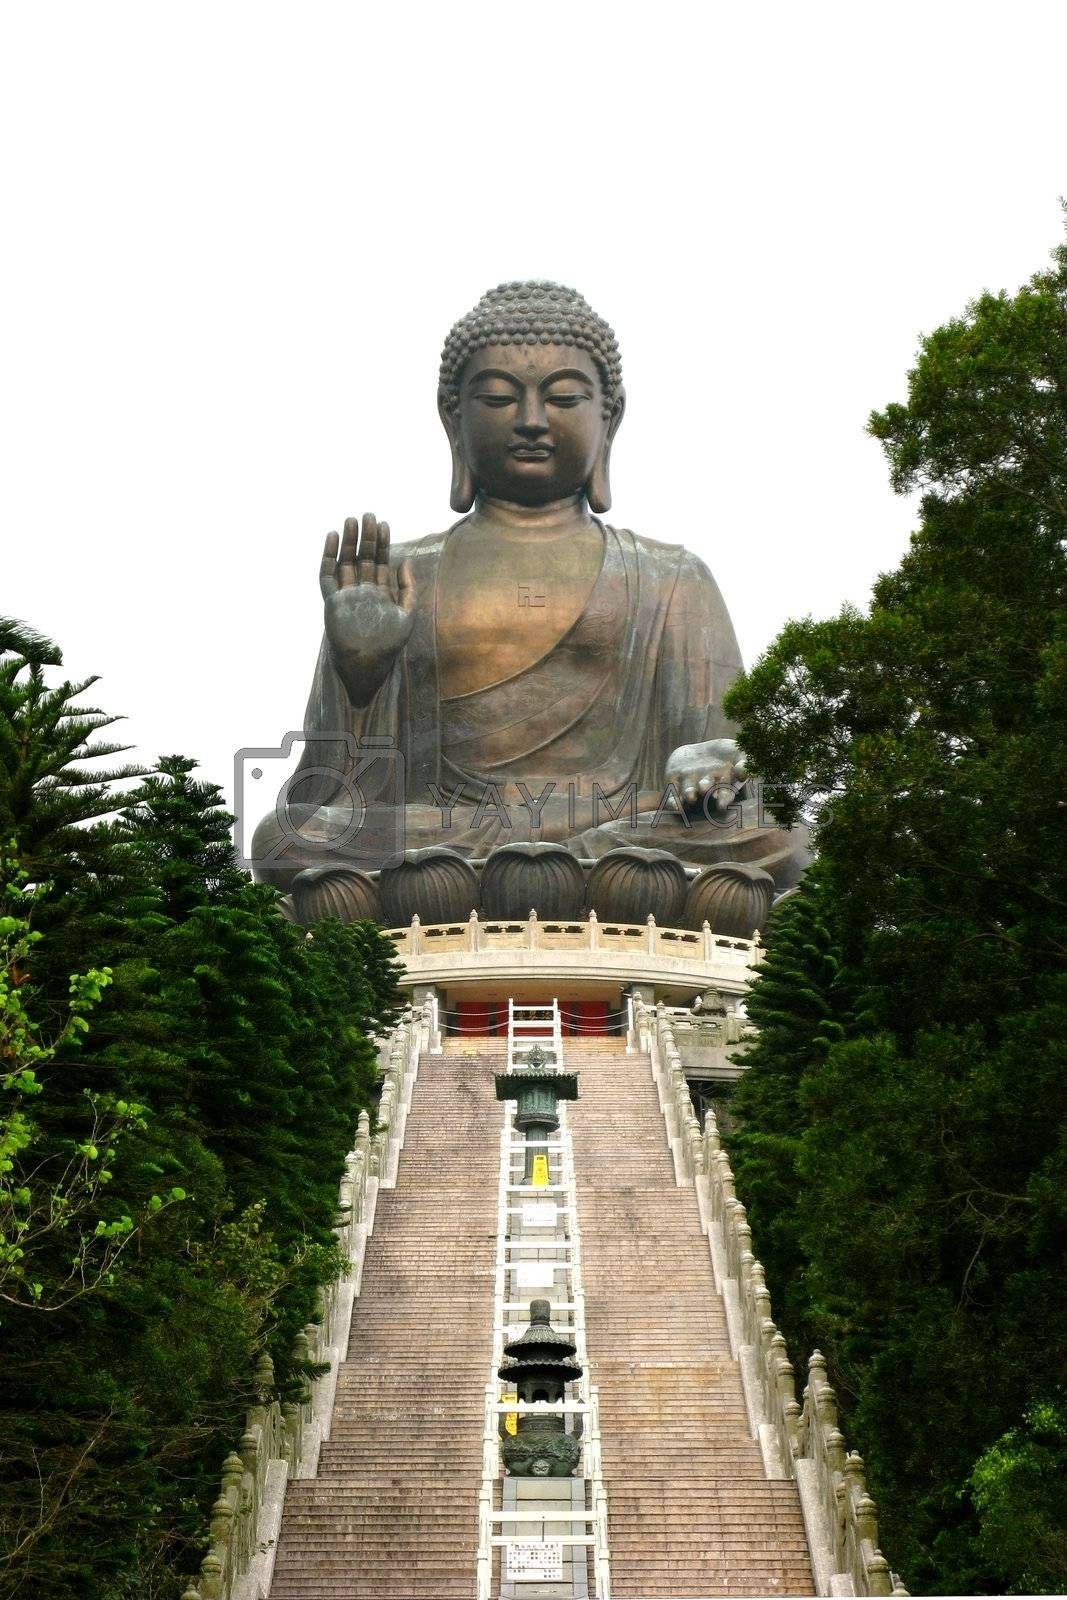 Tian Tan Buddha by leungchopan